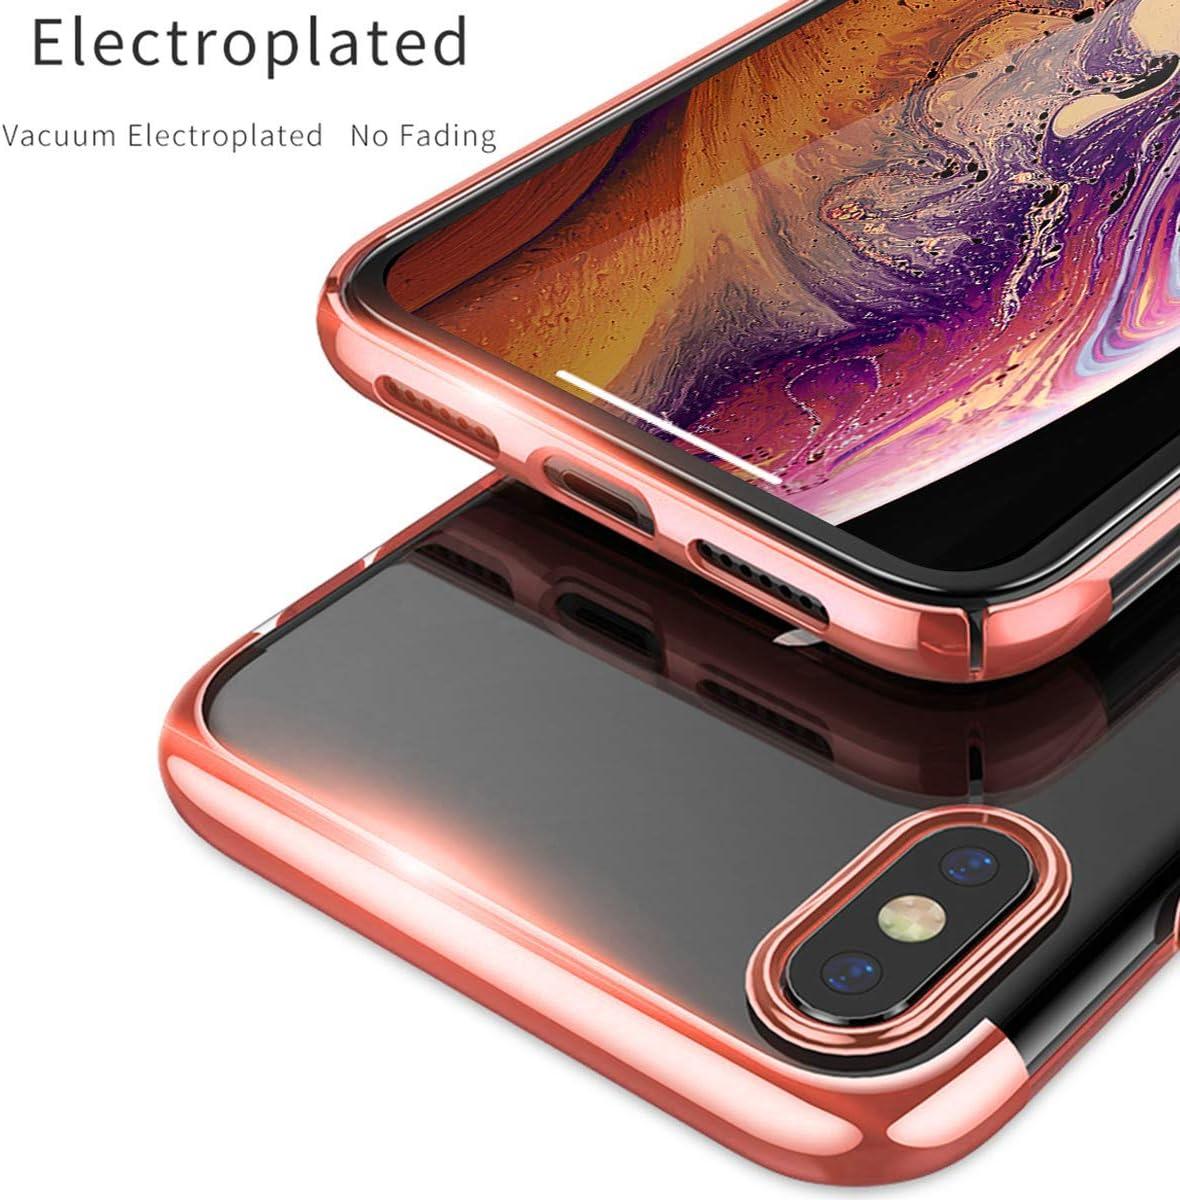 Soporte para Coche con im/án para iPhone XR,Negro XUNDD Funda para iPhone XR,Carcasa de Cristal con Soporte magn/ético de 360 Grados funci/ón Atril